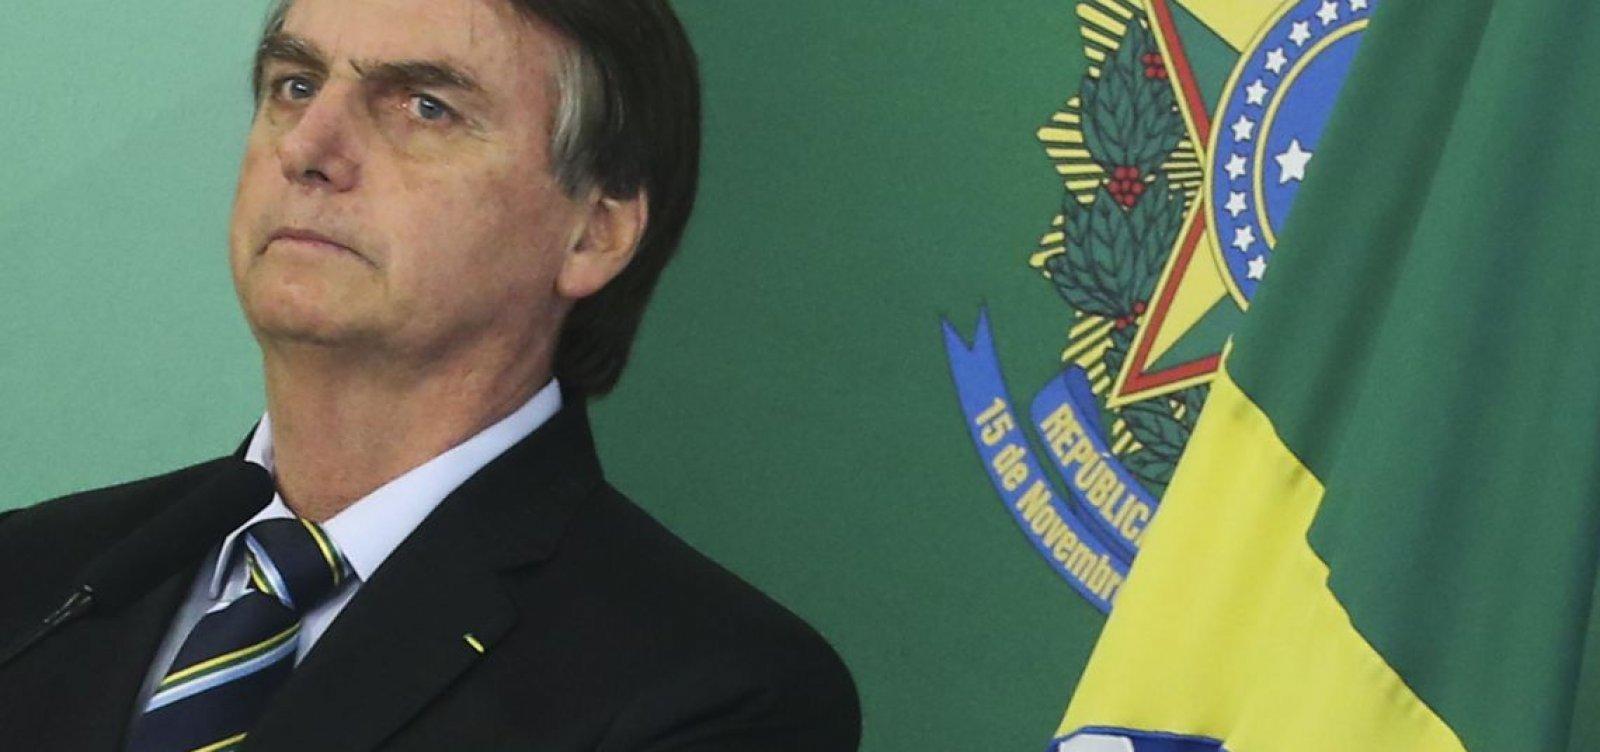 'Coisa que mais atrapalha o Brasil', diz Bolsonaro sobre sindicatos